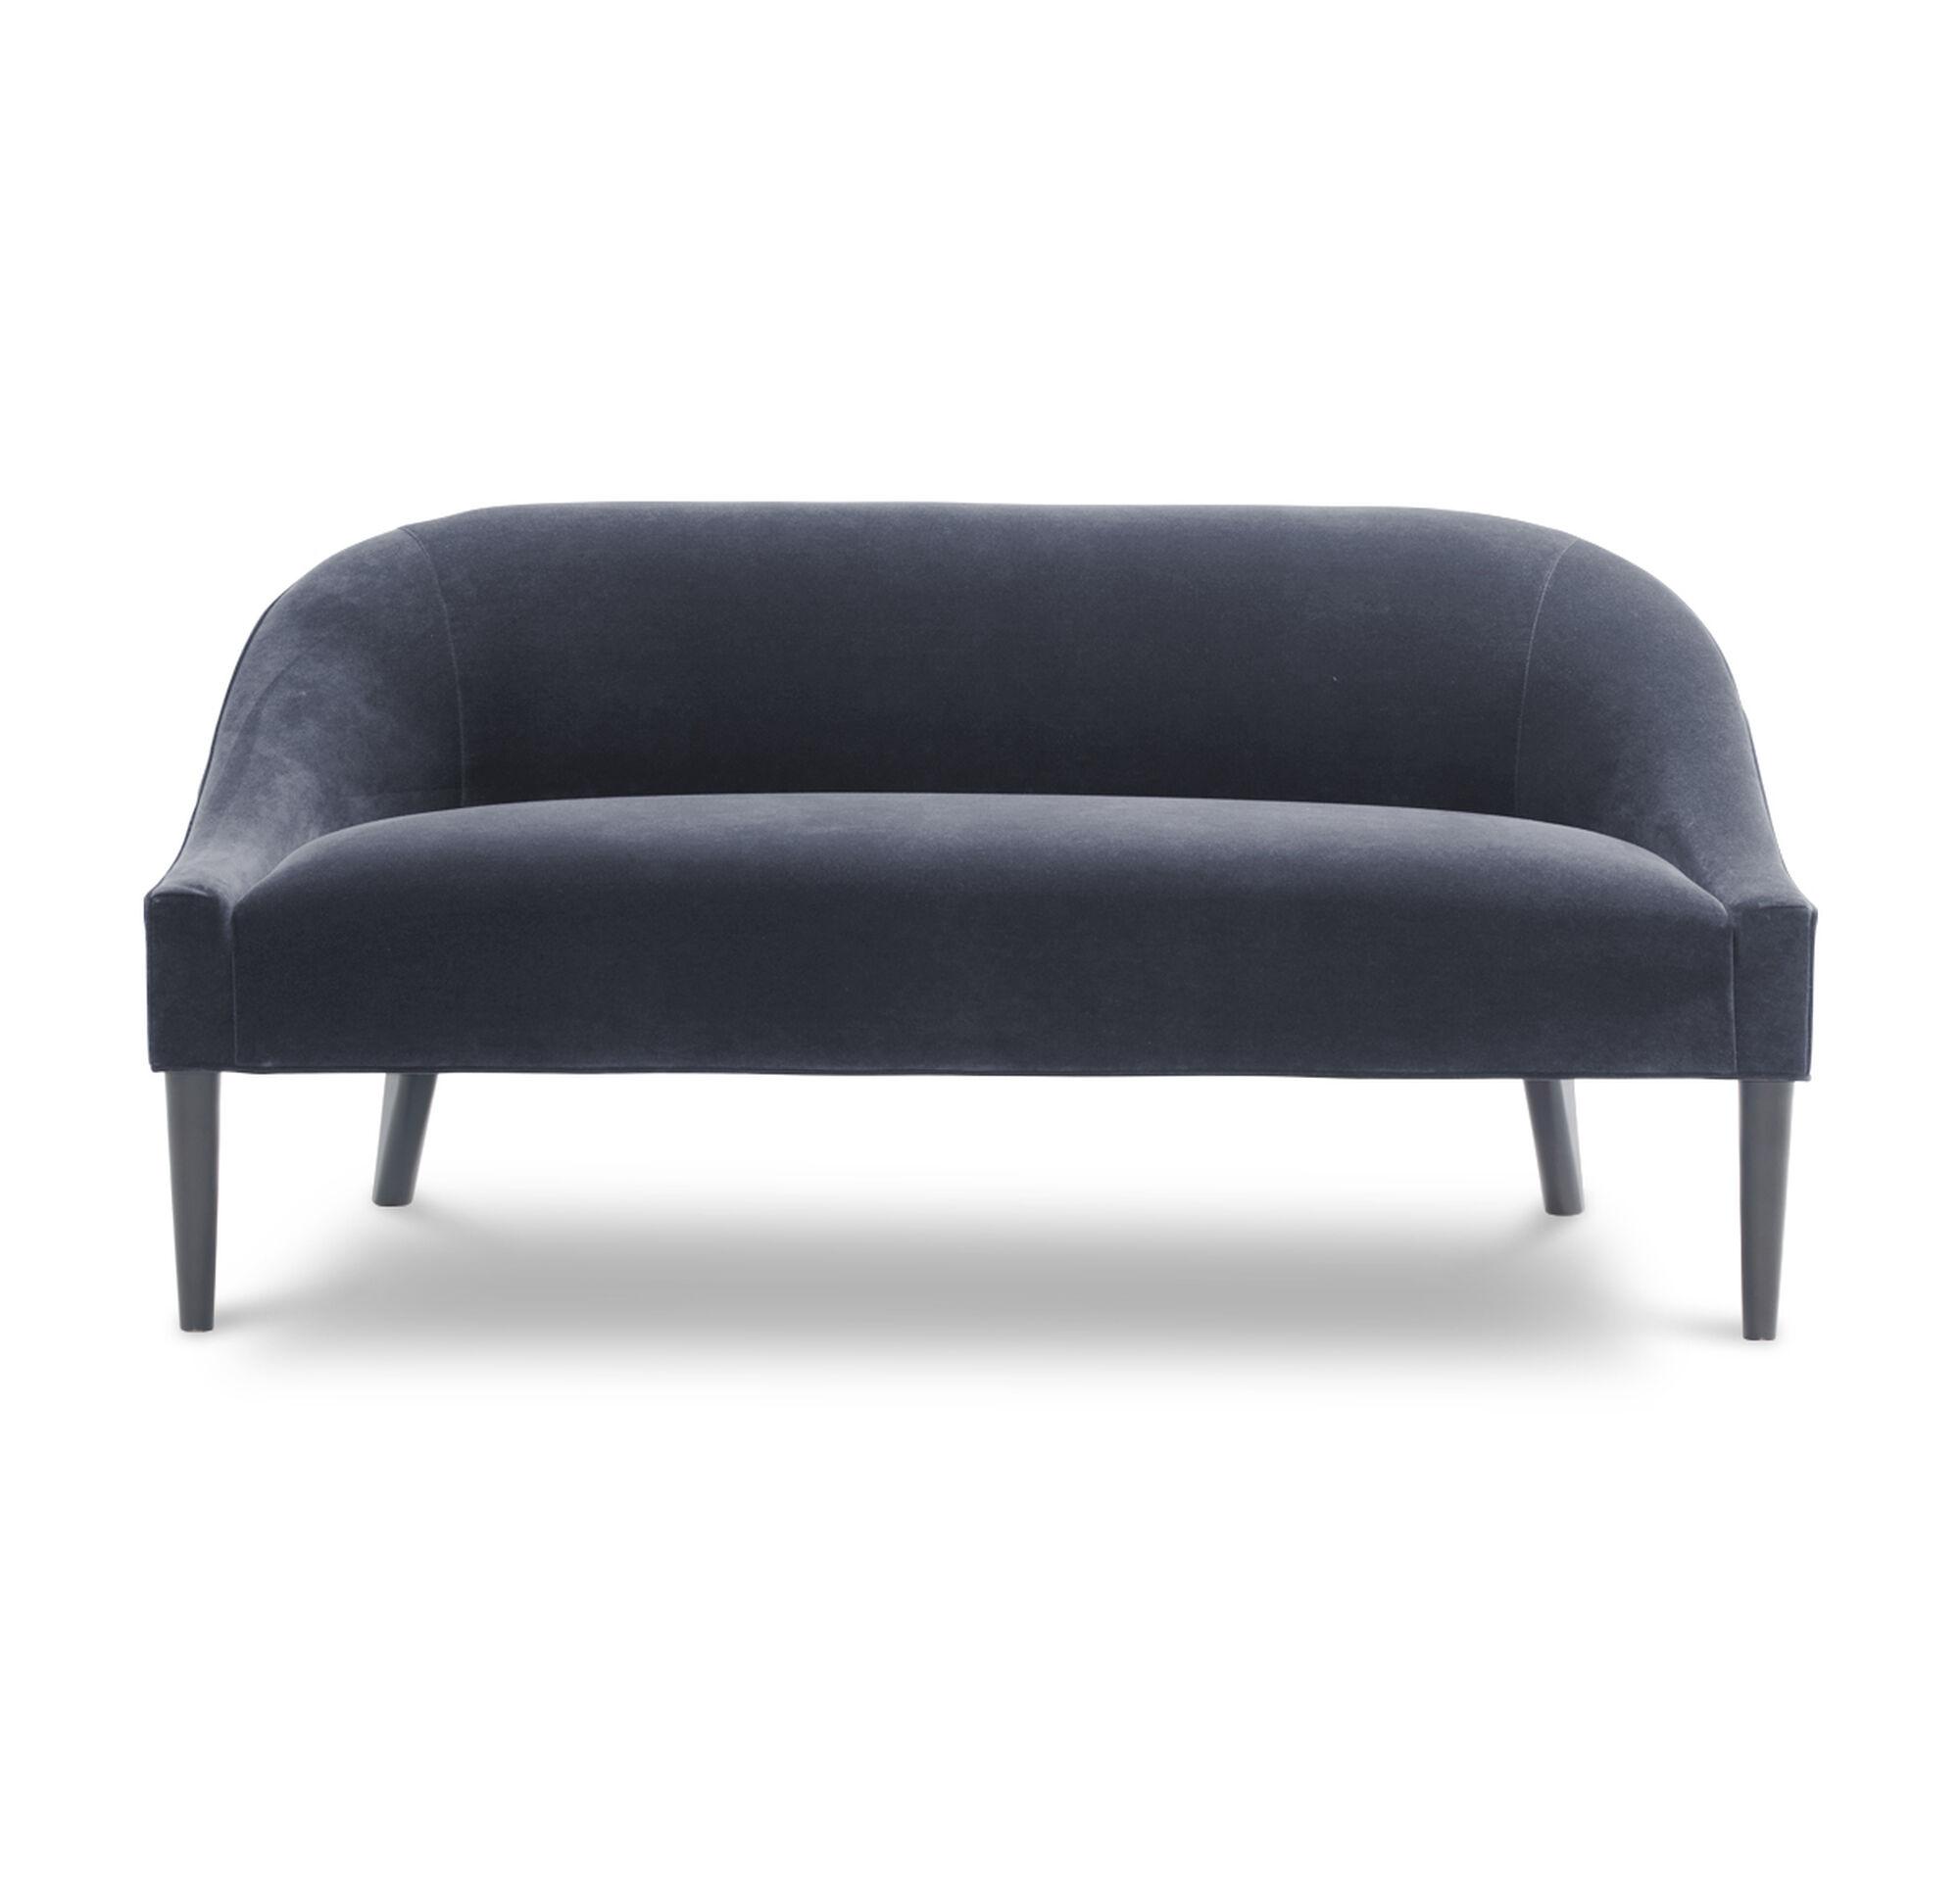 bella bedroom sofa - bella bedroom sofa  hires